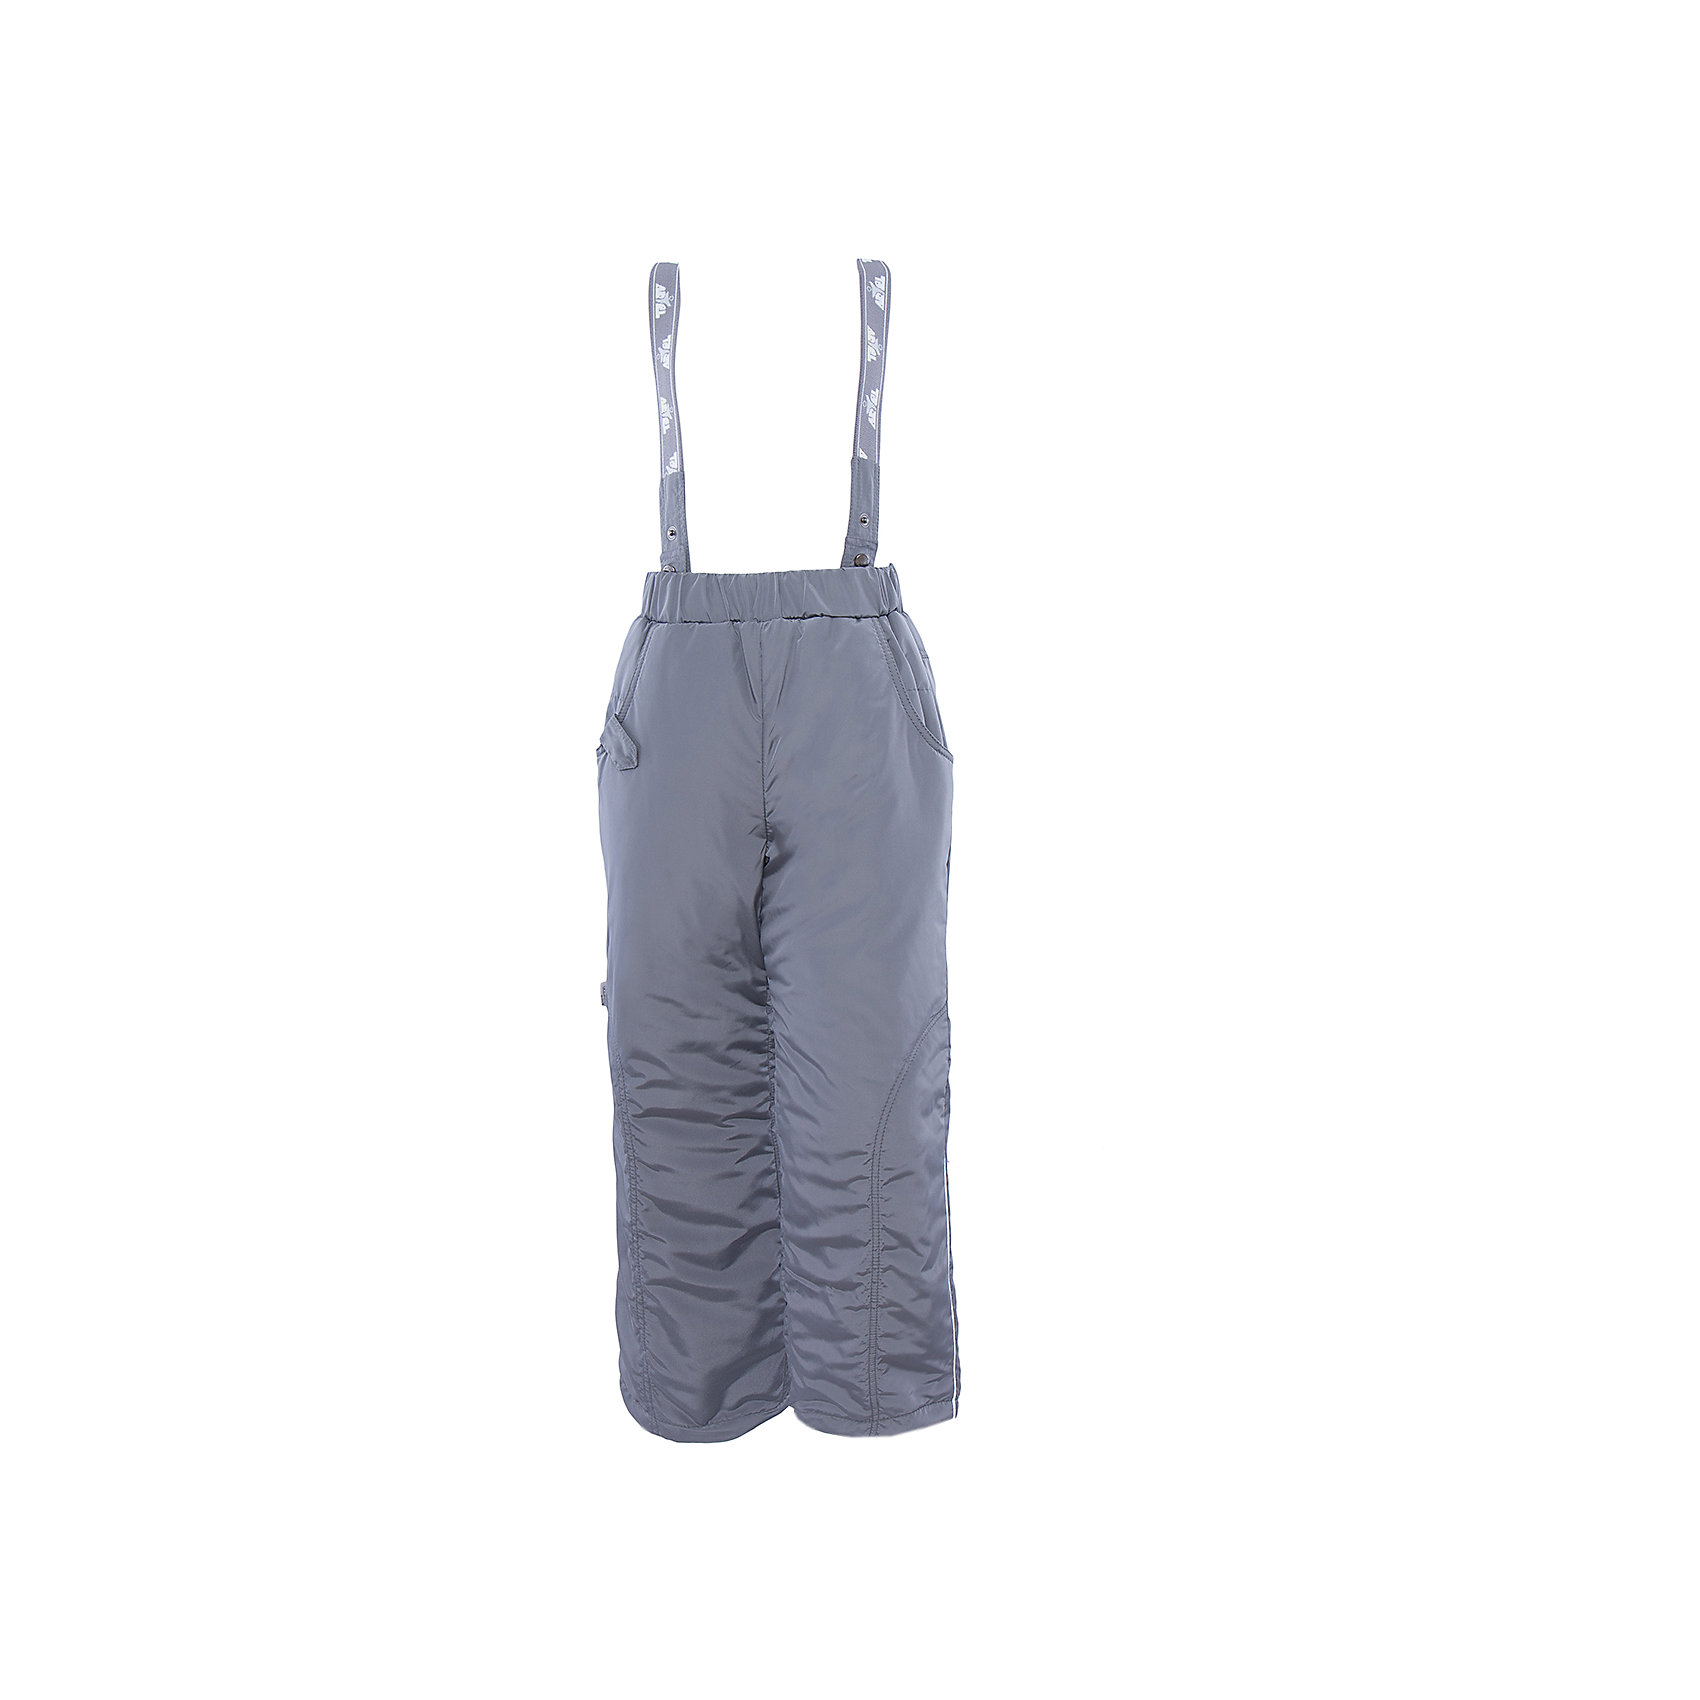 Брюки для девочки АртельВерхняя одежда<br>Брюки для девочки от известного бренда Артель<br>Утепленные брюки для девочки со съемной спинкой. Эта модель универсальна, т.к. может использоваться как полукомбинезон и просто как брюки. Сзади спинка крепится на молнию<br>Состав:<br>Верх: PRINCE<br>Подкладка: тиси<br>Утеплитель: термофайбер 300гр<br><br>Ширина мм: 215<br>Глубина мм: 88<br>Высота мм: 191<br>Вес г: 336<br>Цвет: серый<br>Возраст от месяцев: 72<br>Возраст до месяцев: 84<br>Пол: Женский<br>Возраст: Детский<br>Размер: 122,158,152,146,140,134,128<br>SKU: 4963883